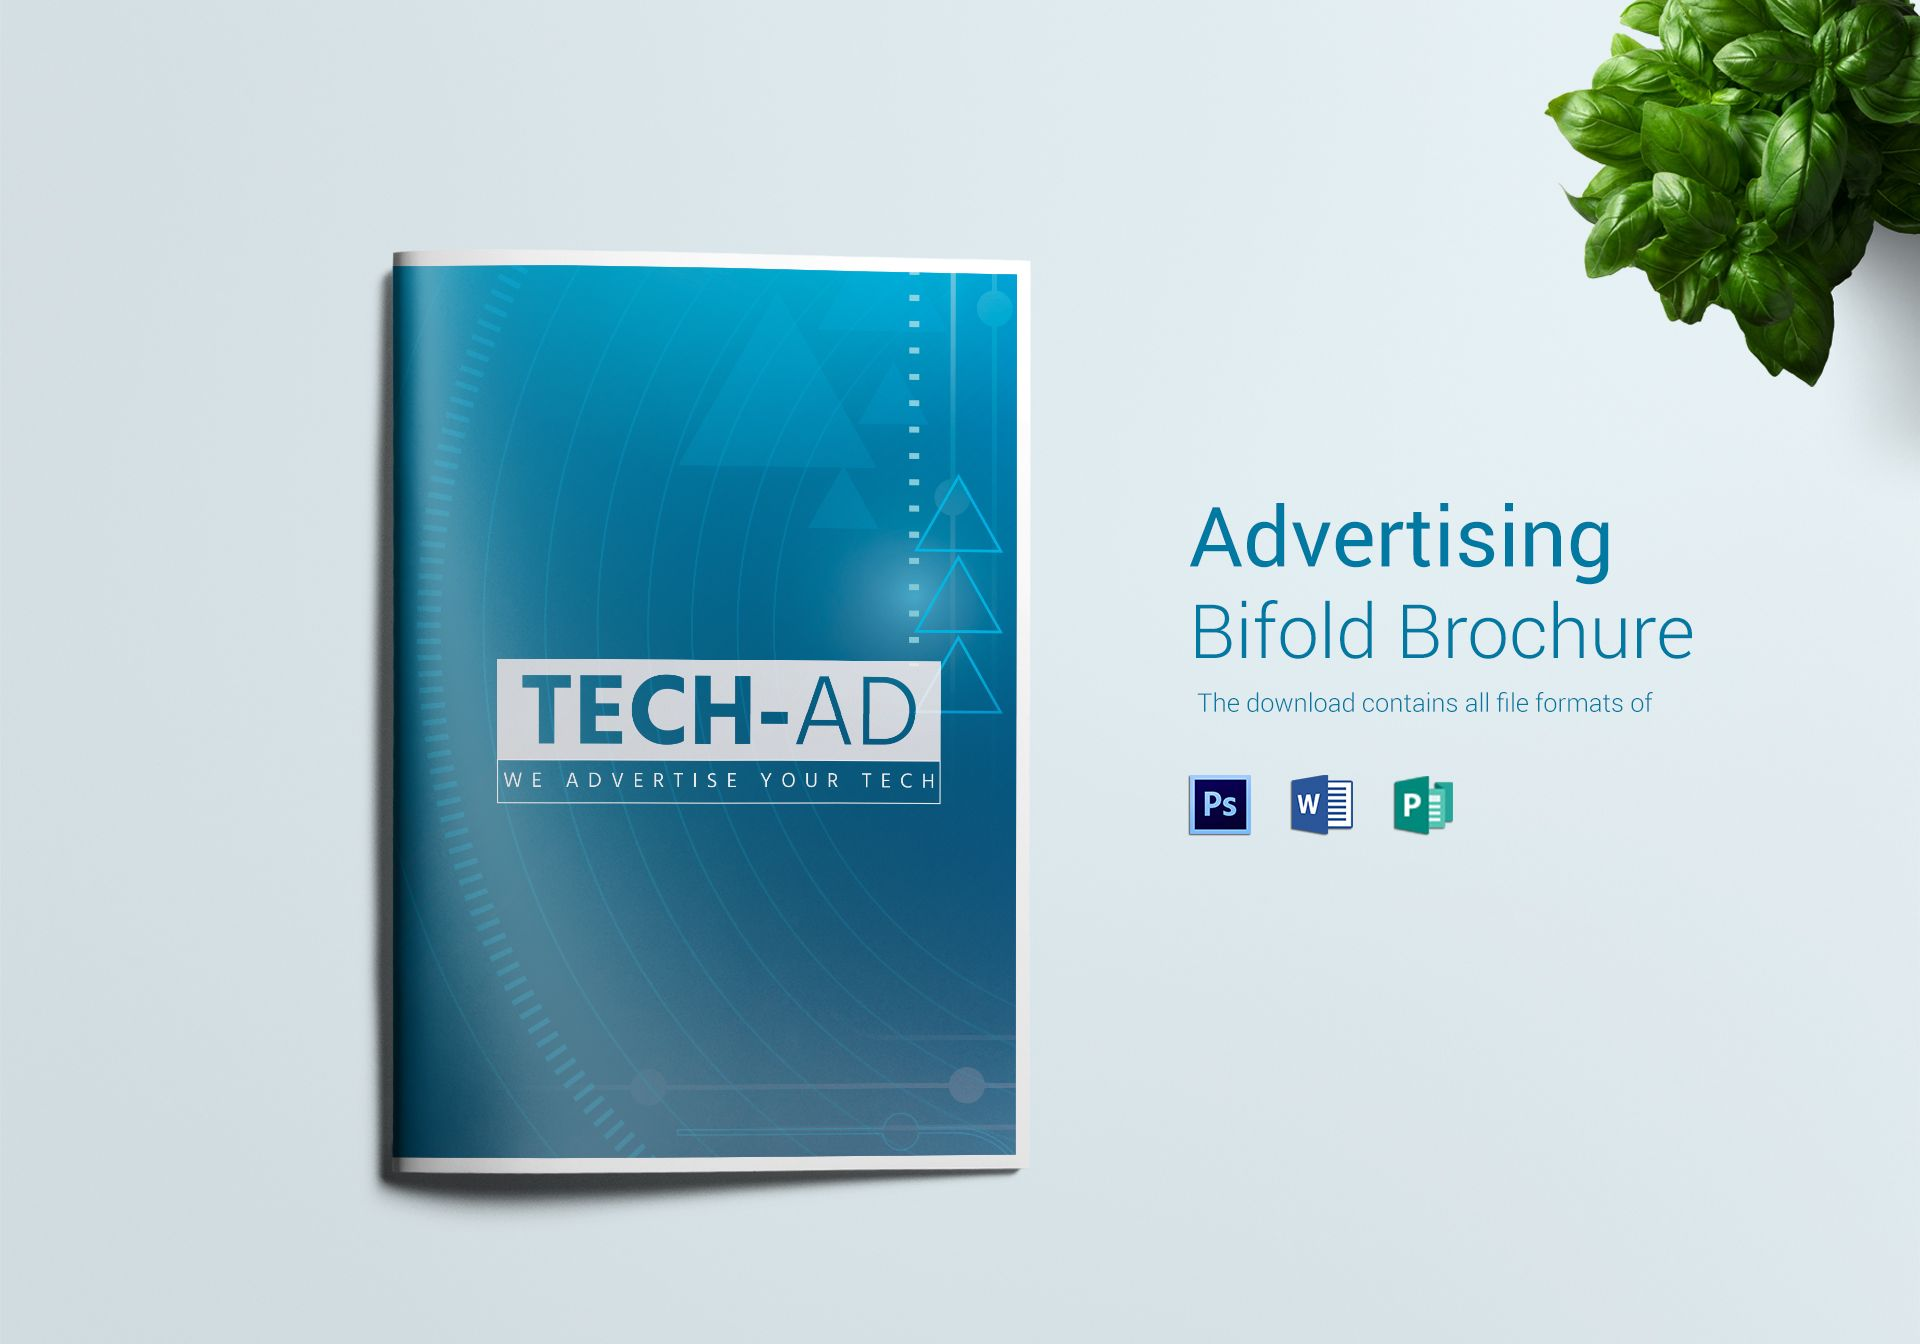 vertising bifold brochure